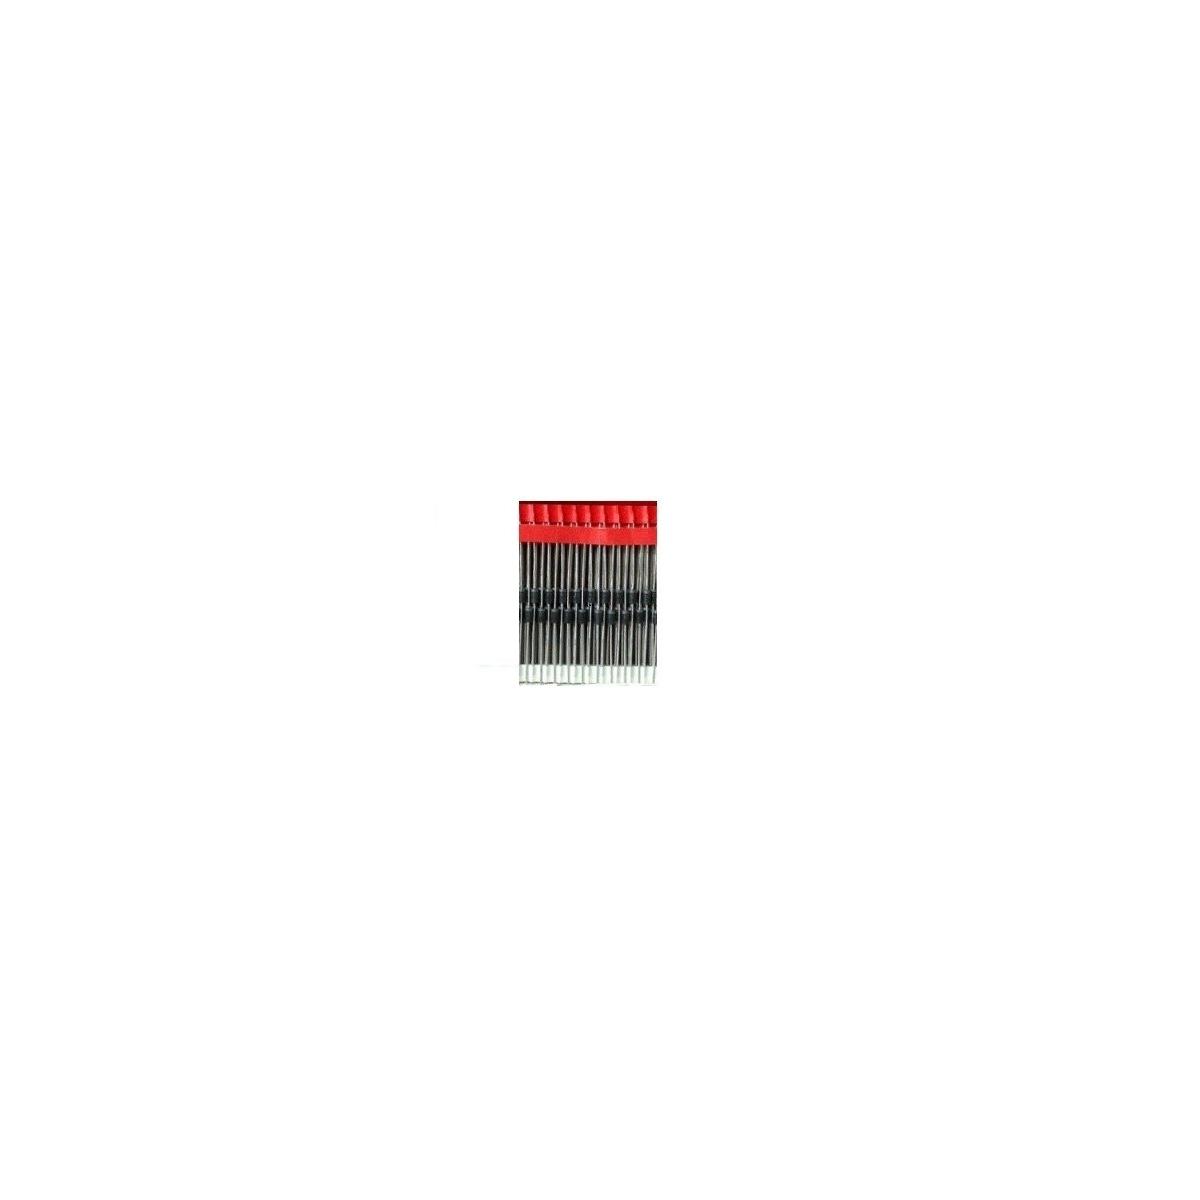 ZENNER 5W-1N 5351 - 14V